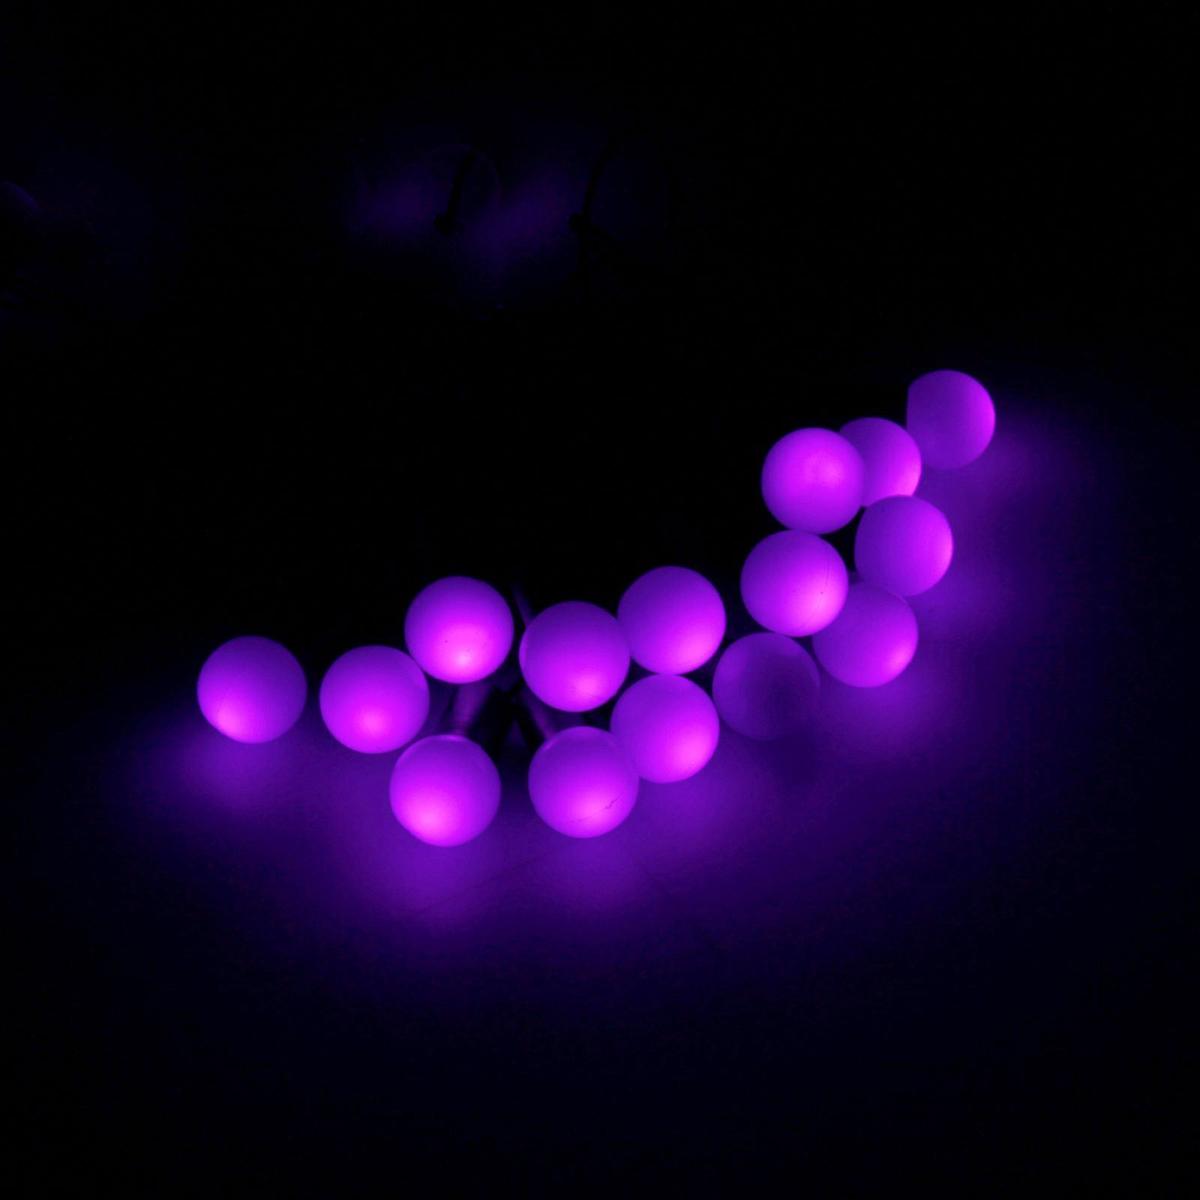 Гирлянда светодиодная Luazon Метраж. Шарики большие, уличная с насадкой, 8 режимов, 100 ламп, 220 V, 10 м, цвет: фиолетовый. 185544185544Светодиодные гирлянды, ленты и т.д. — это отличный вариант для новогоднего оформления интерьера или фасада. С их помощью помещение любого размера можно превратить в праздничный зал, а внешние элементы зданий, украшенные ими, мгновенно станут напоминать очертания сказочного дворца. Такие украшения создают ауру предвкушения чуда. Деревья, фасады, витрины, окна и арки будто специально созданы, чтобы вы украсили их светящимися нитями.